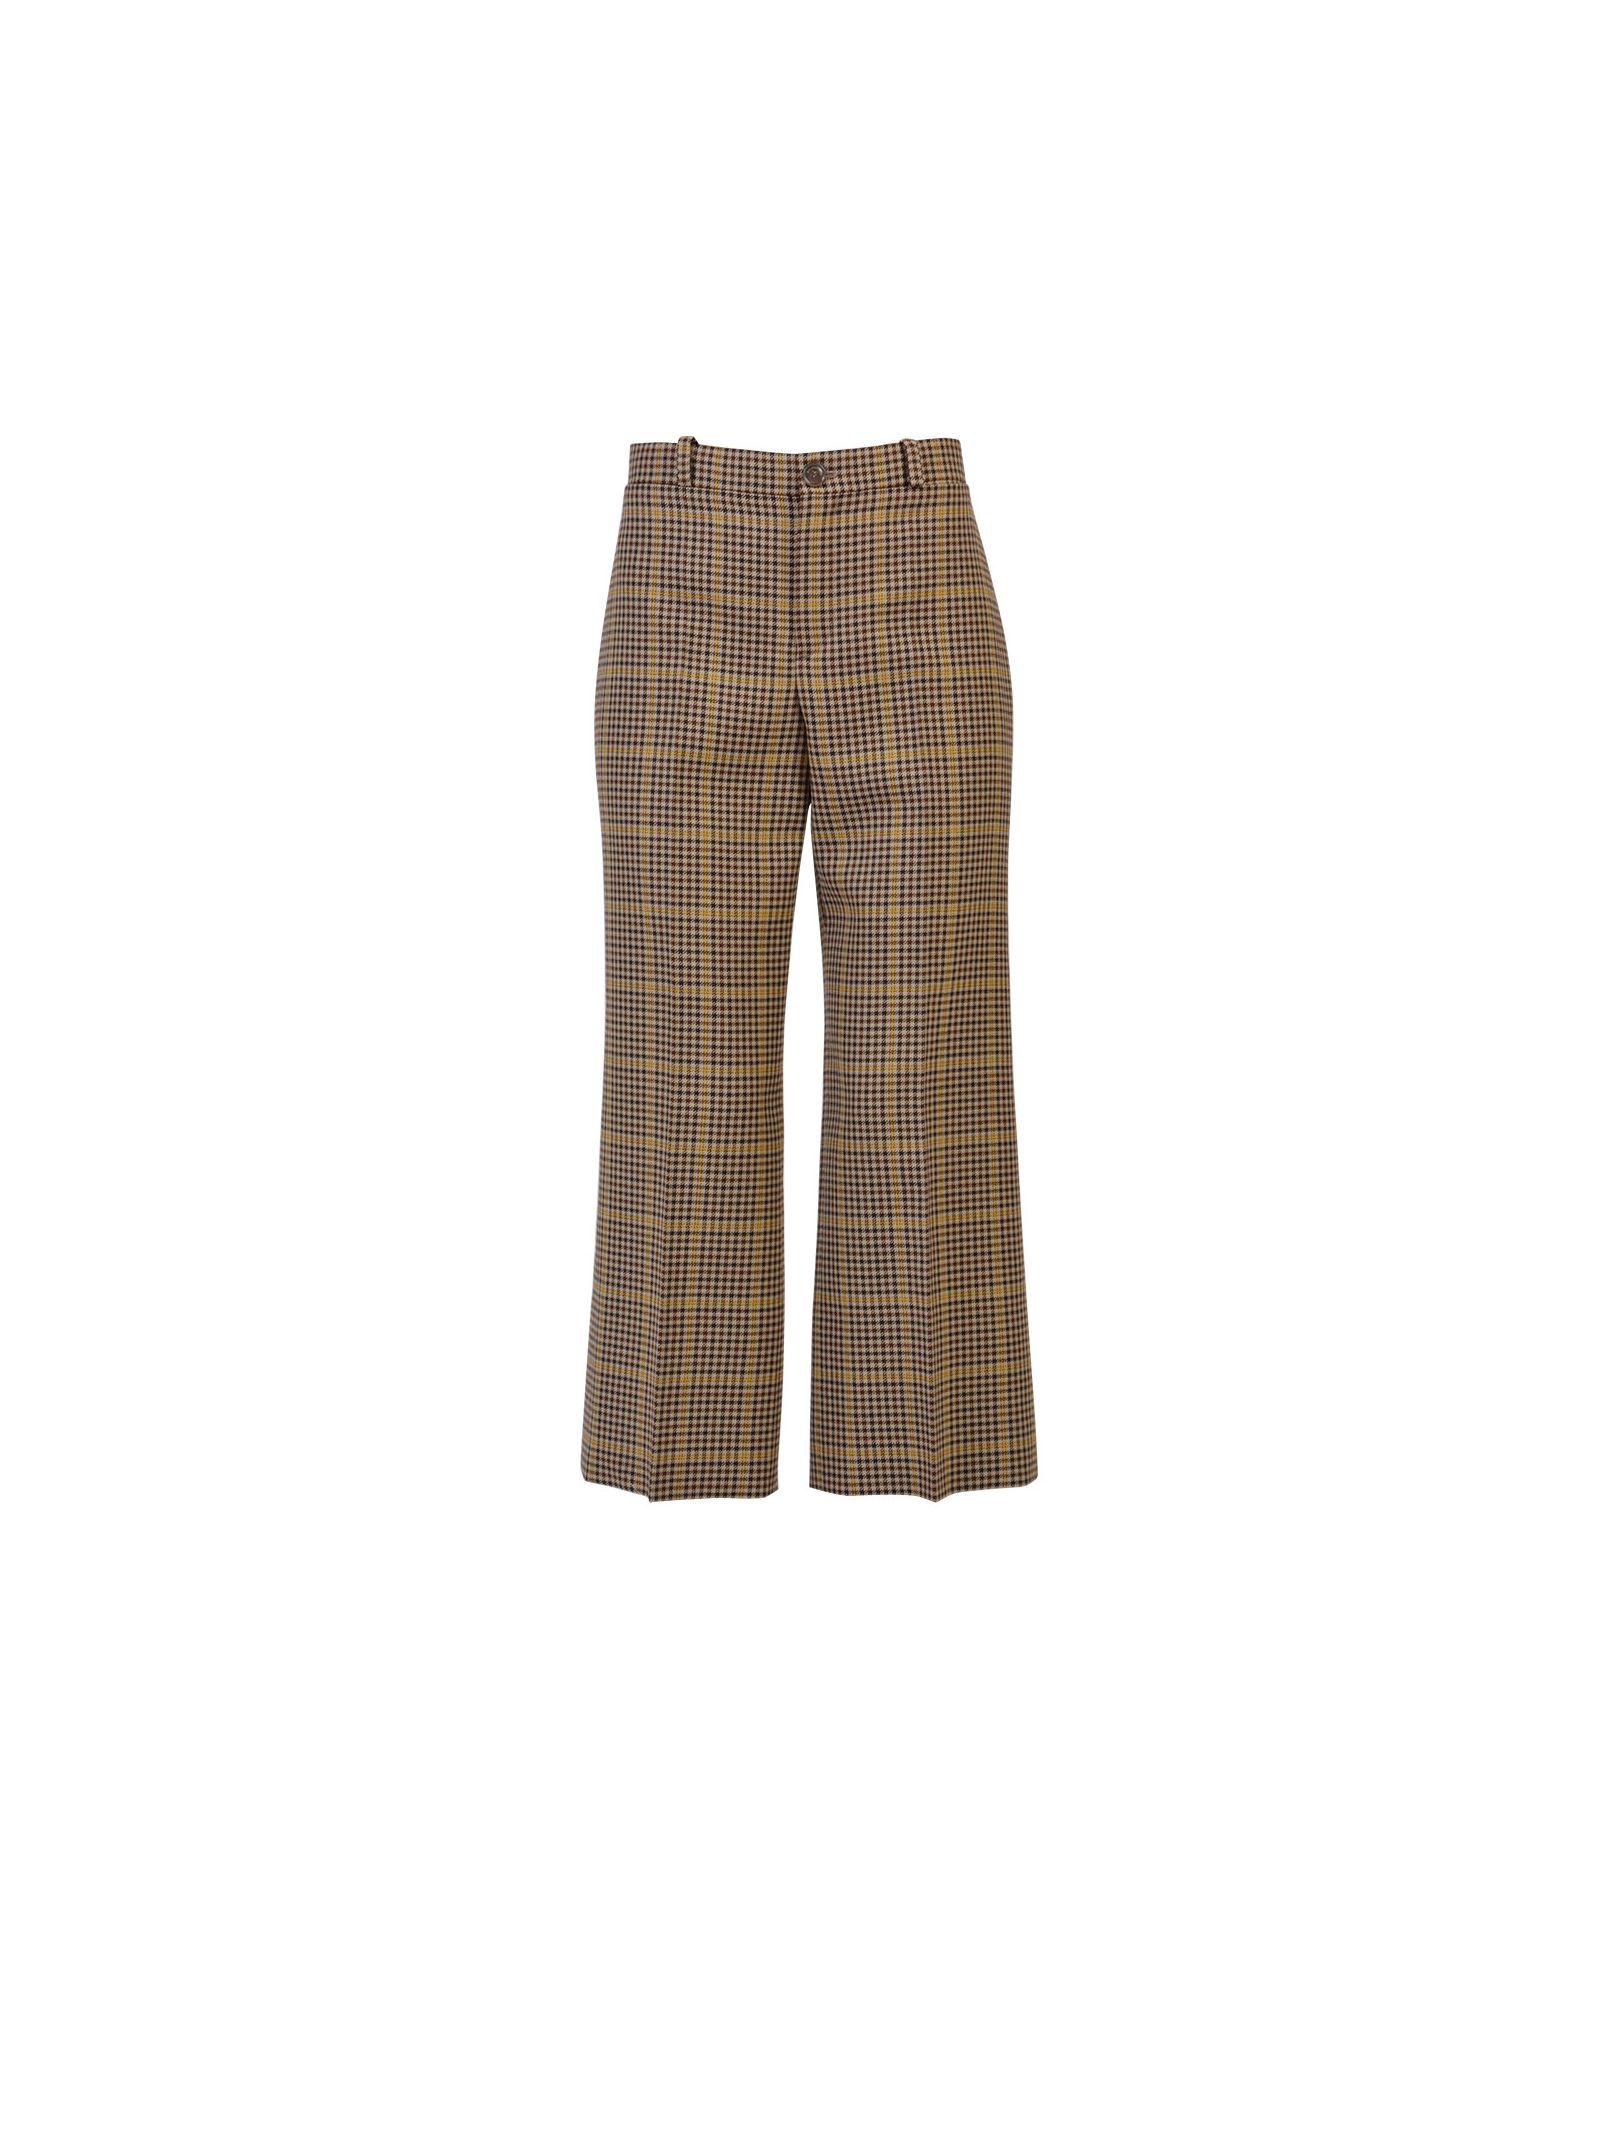 Balenciaga Check Trousers - Balenciaga - Axa 3